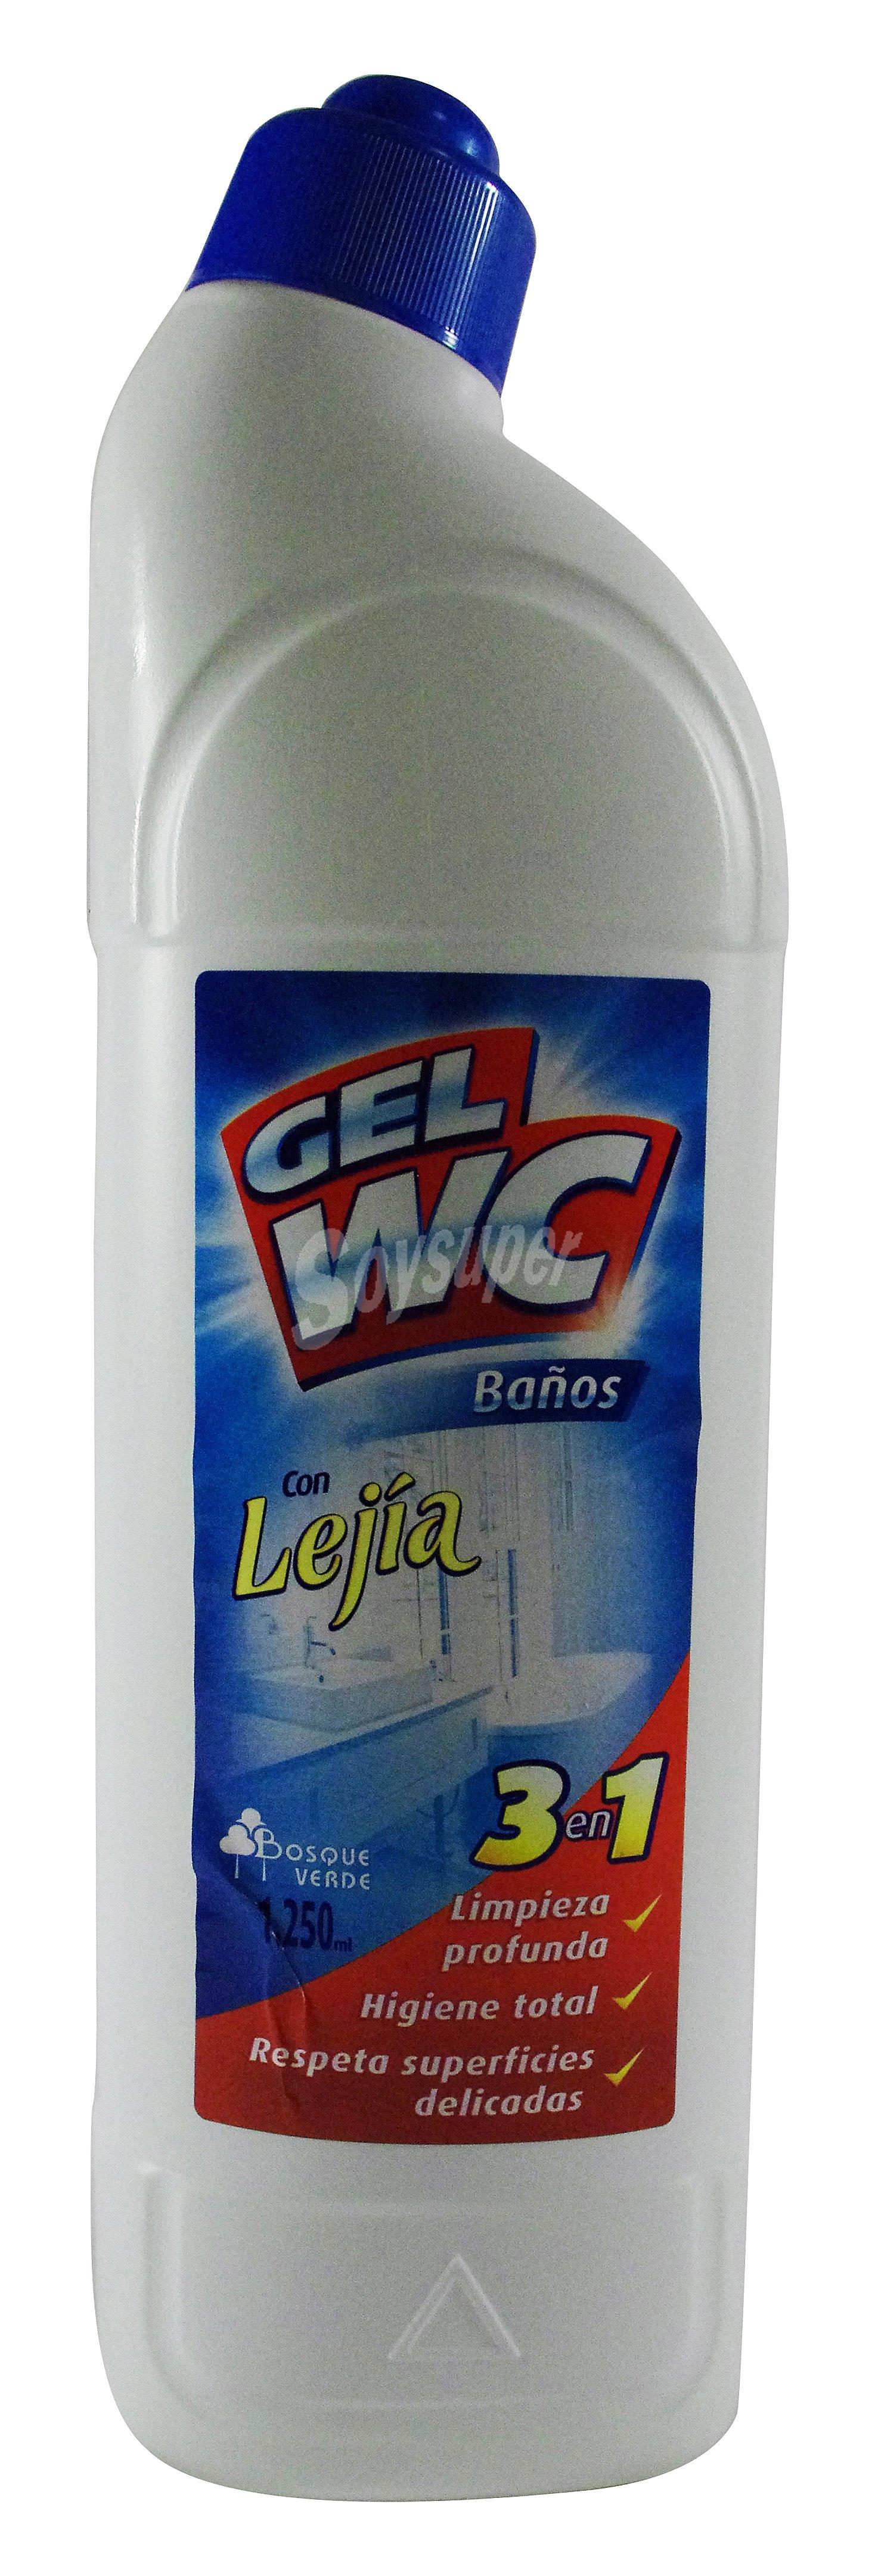 Gel De Baño Bottega Verde:Bosque Verde Limpiador gel wc y baños con lejia *verano* Botella 1250